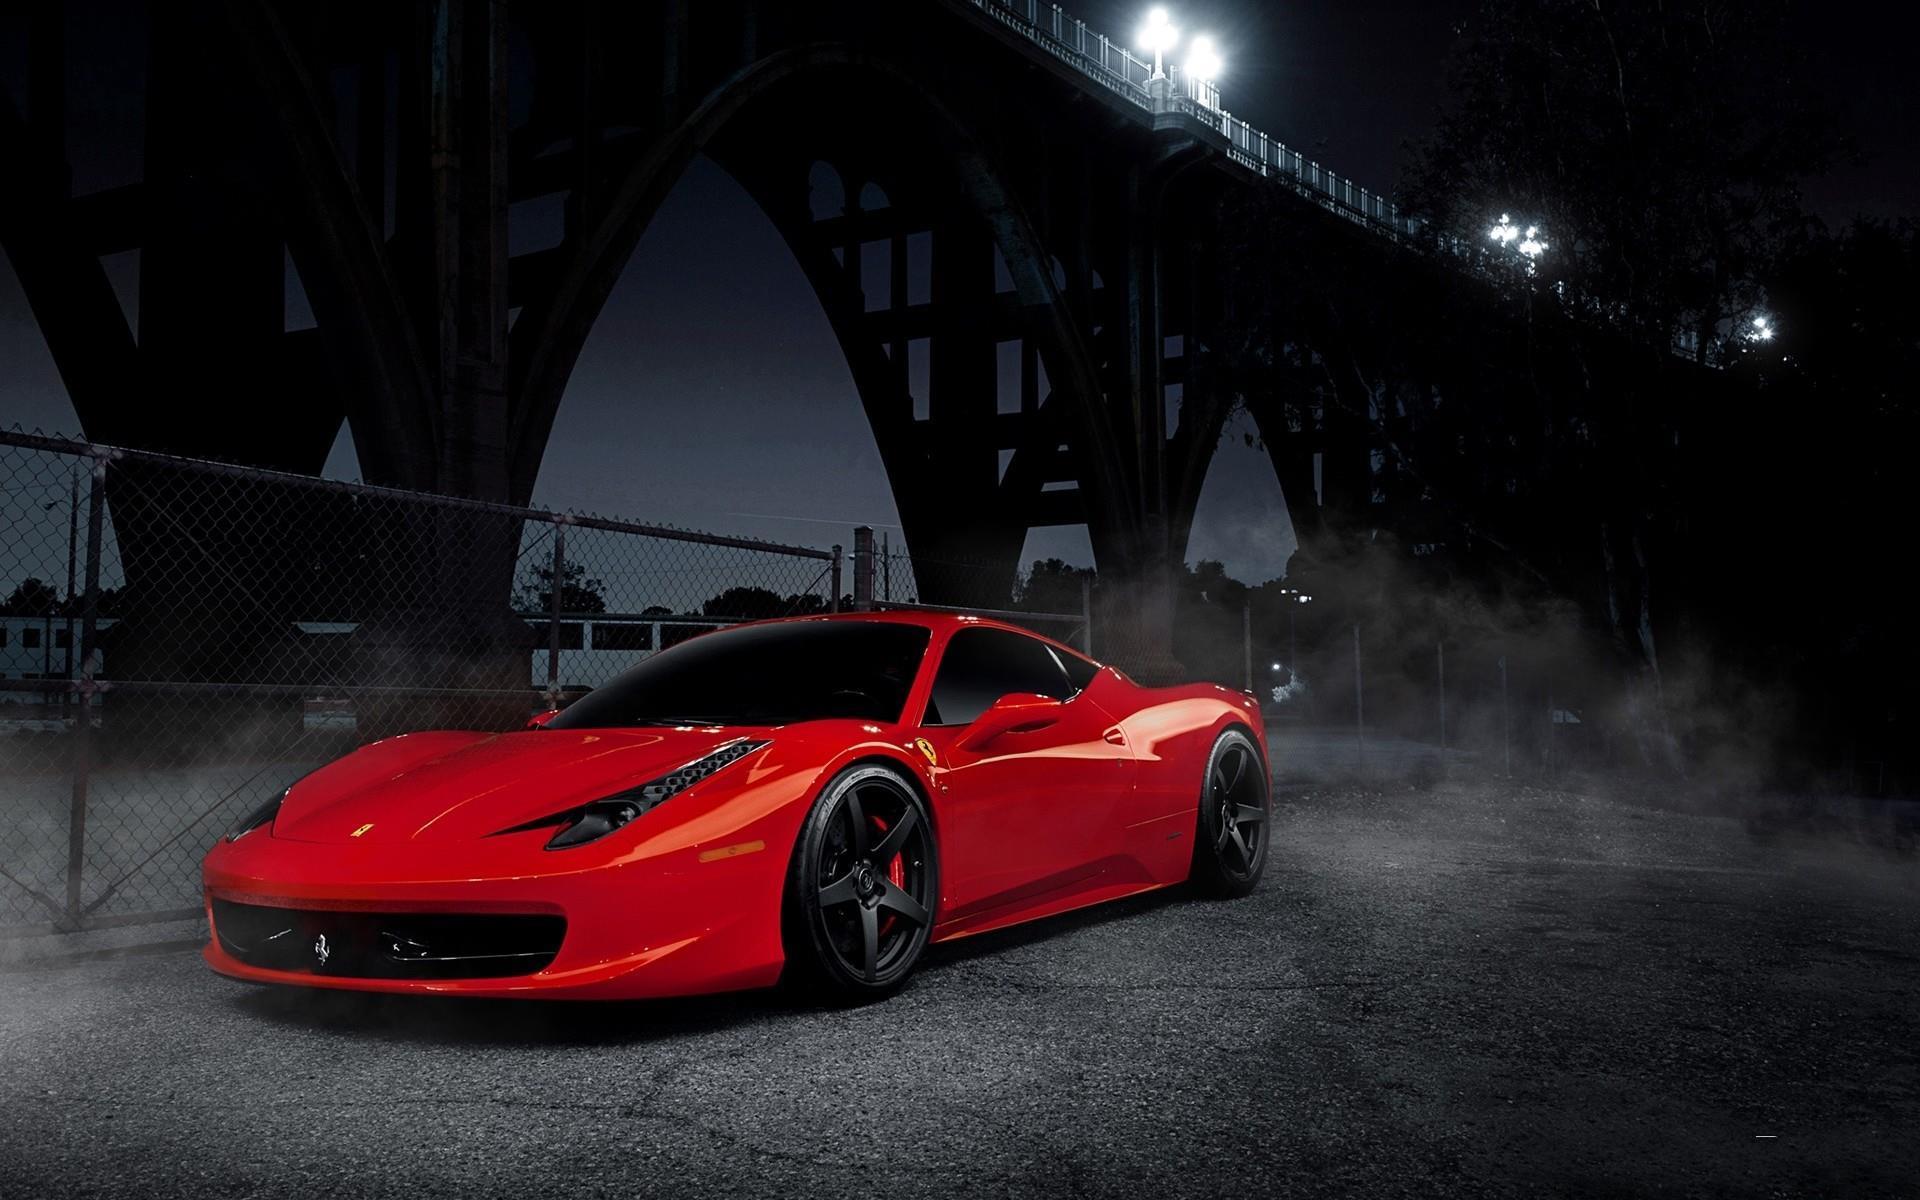 Tron Lamborghini Black Red Car Wallpapers Hd Desktop: Les Nouvelles Voitures De Rêve